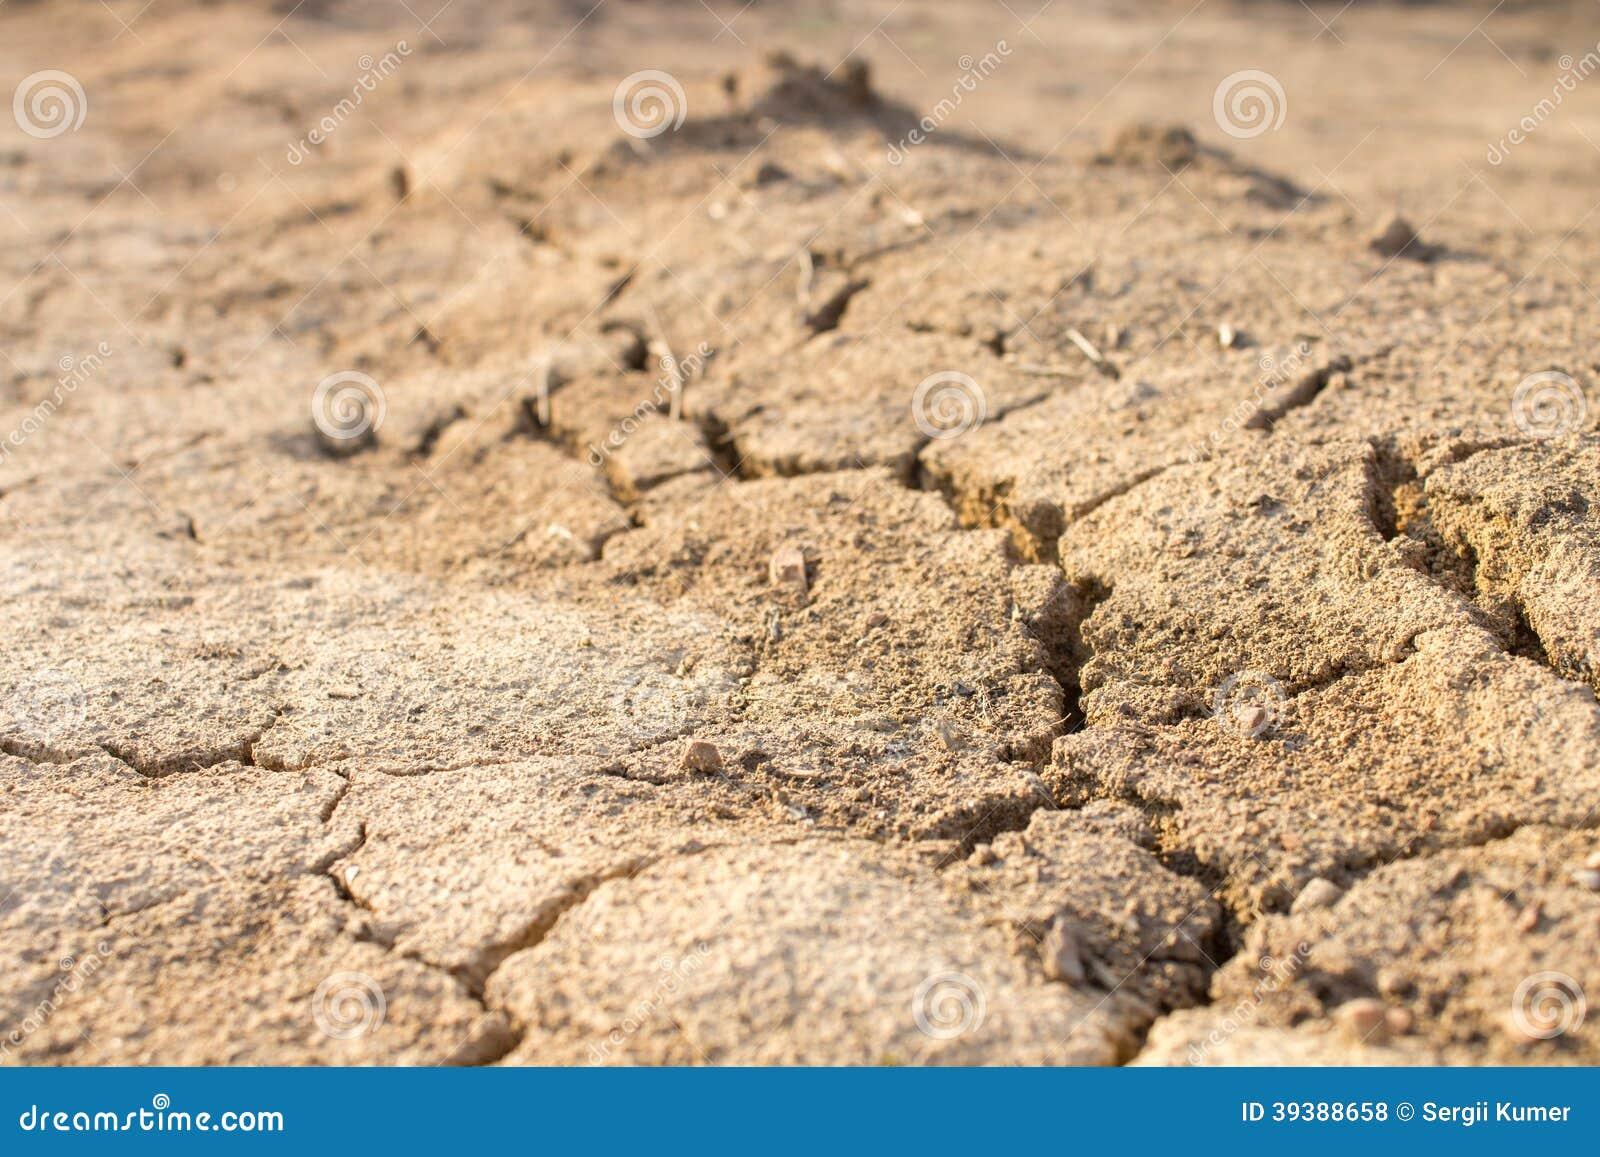 Droogte Grond in zandwoestijn dor klimaat in Thailand